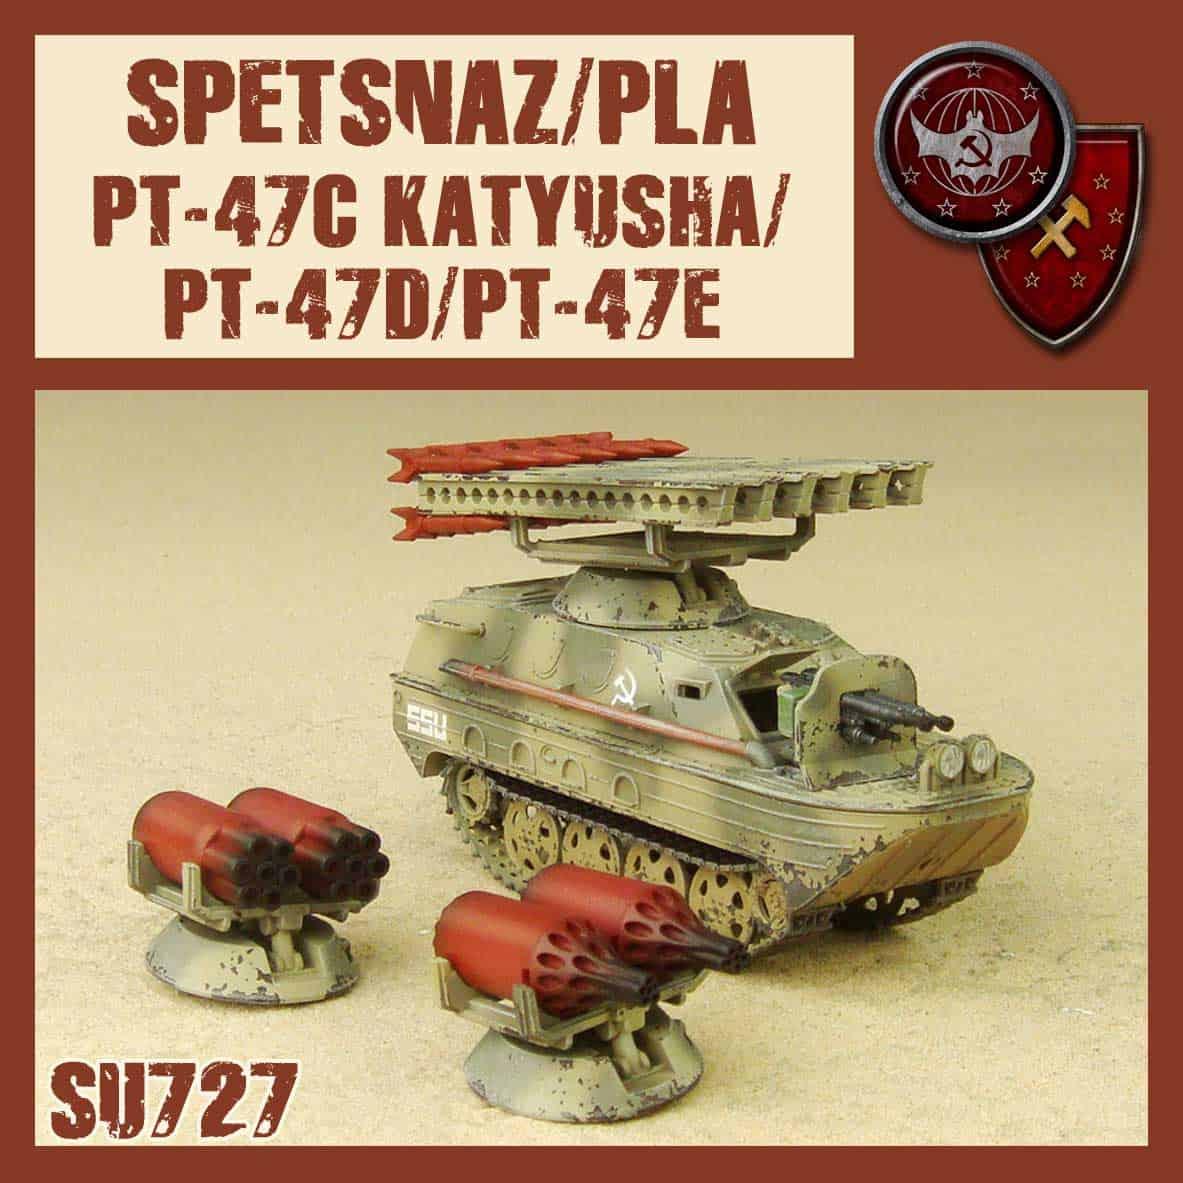 PT-47C/D/E